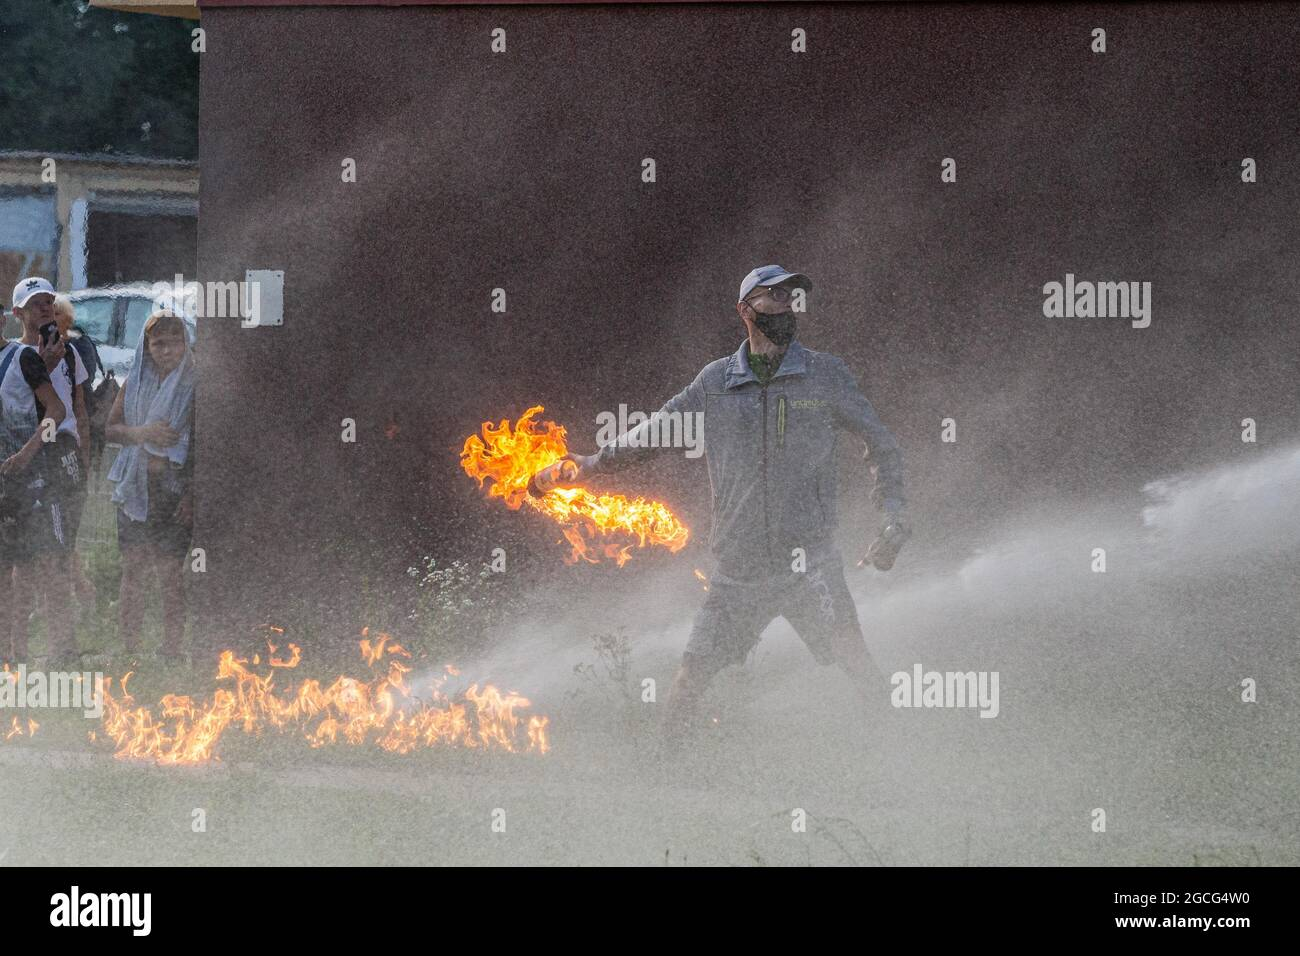 Lubin, Polonia. 8 agosto 2021. Disordini alla stazione di polizia di Lubin dopo la morte di un maschio di 32 anni durante l'intervento della polizia. (Credit Image: © Krzysztof Kaniewski/ZUMA Press Wire) Foto Stock